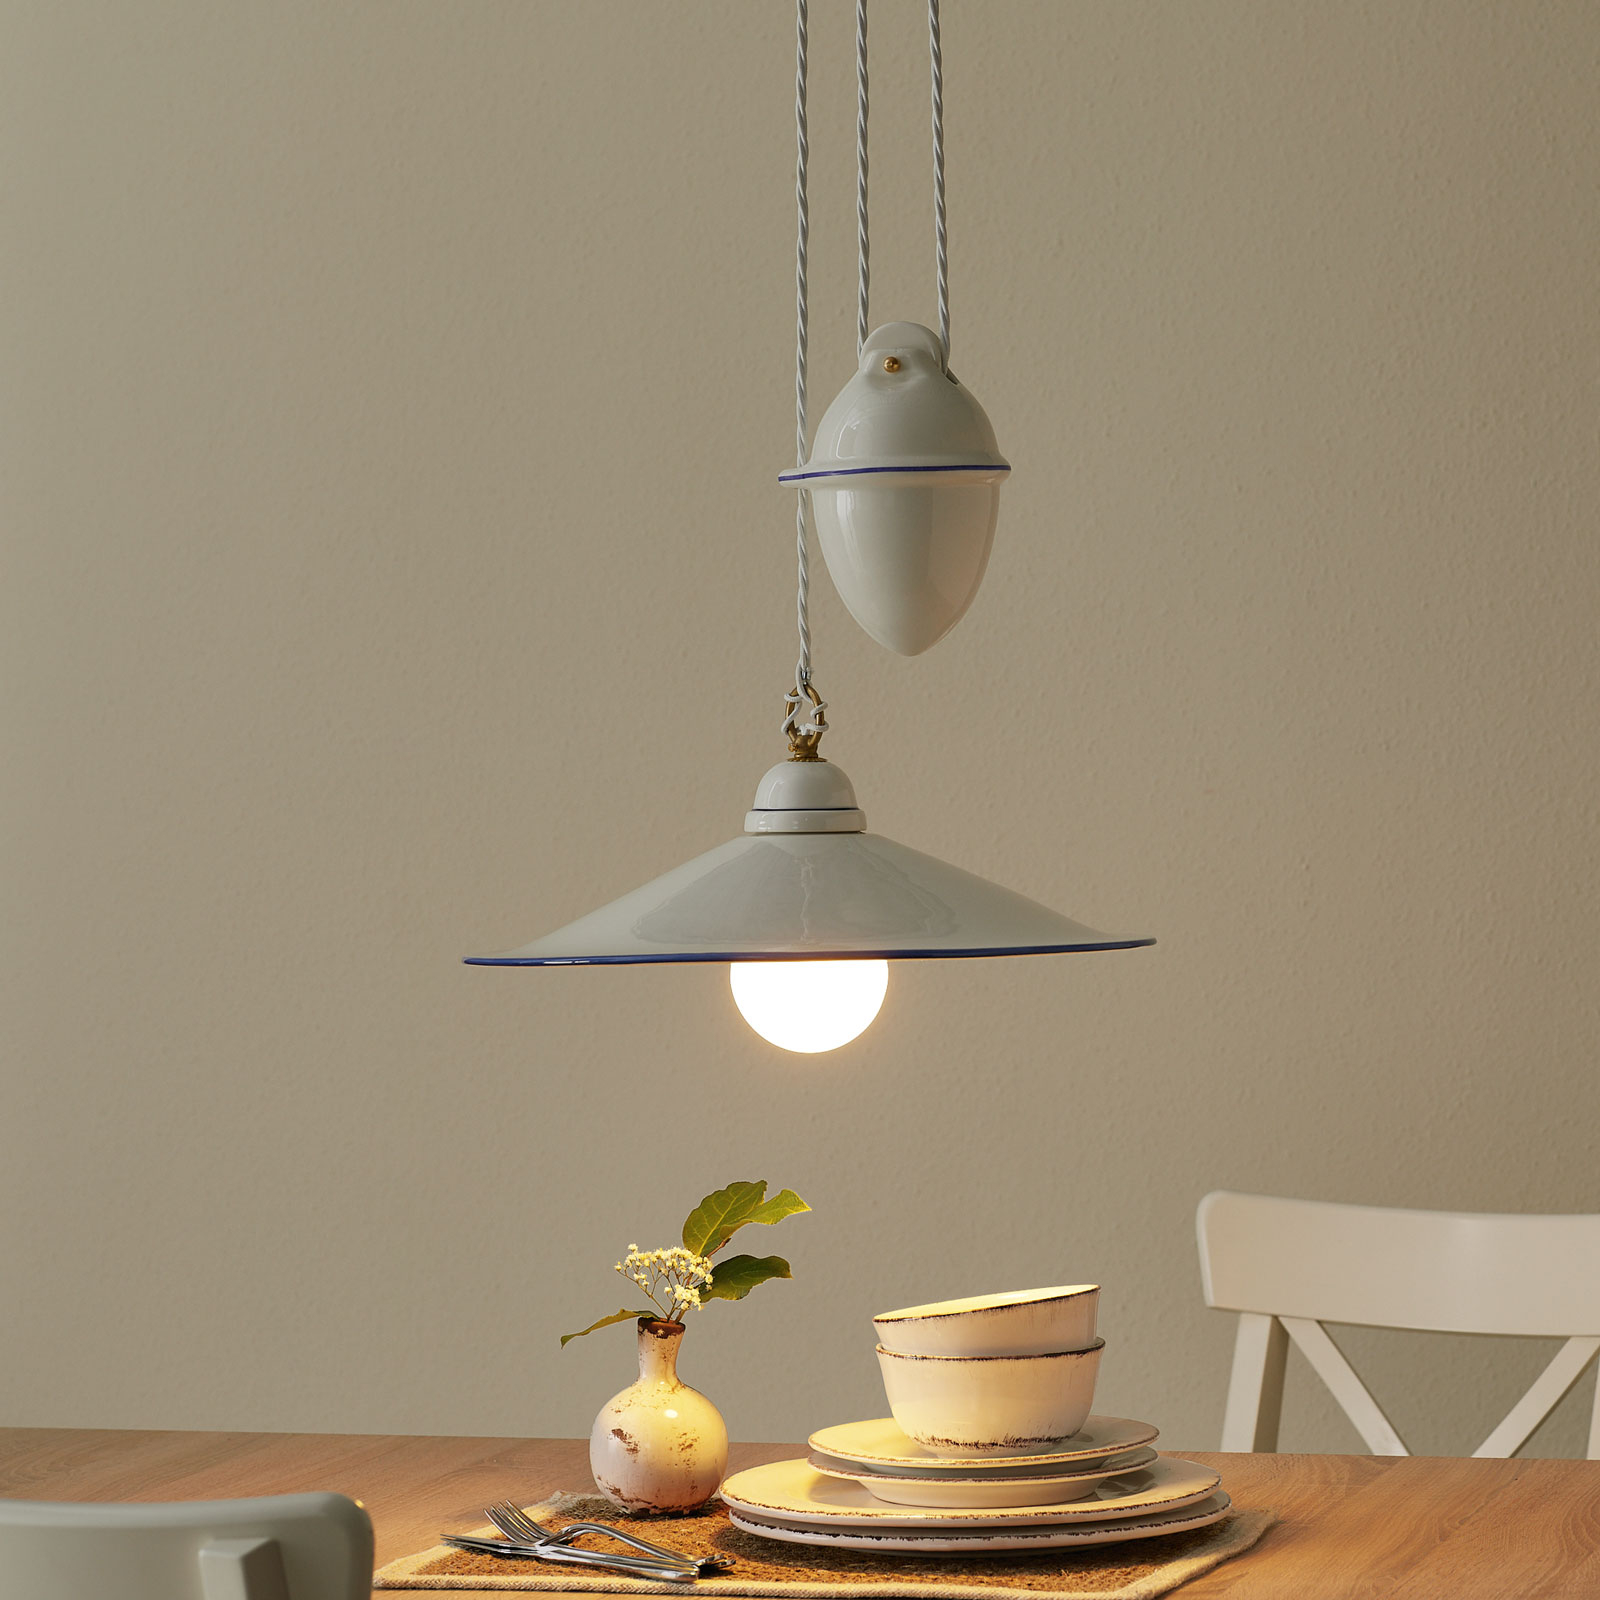 Hanglamp PIATTO met trekgewicht